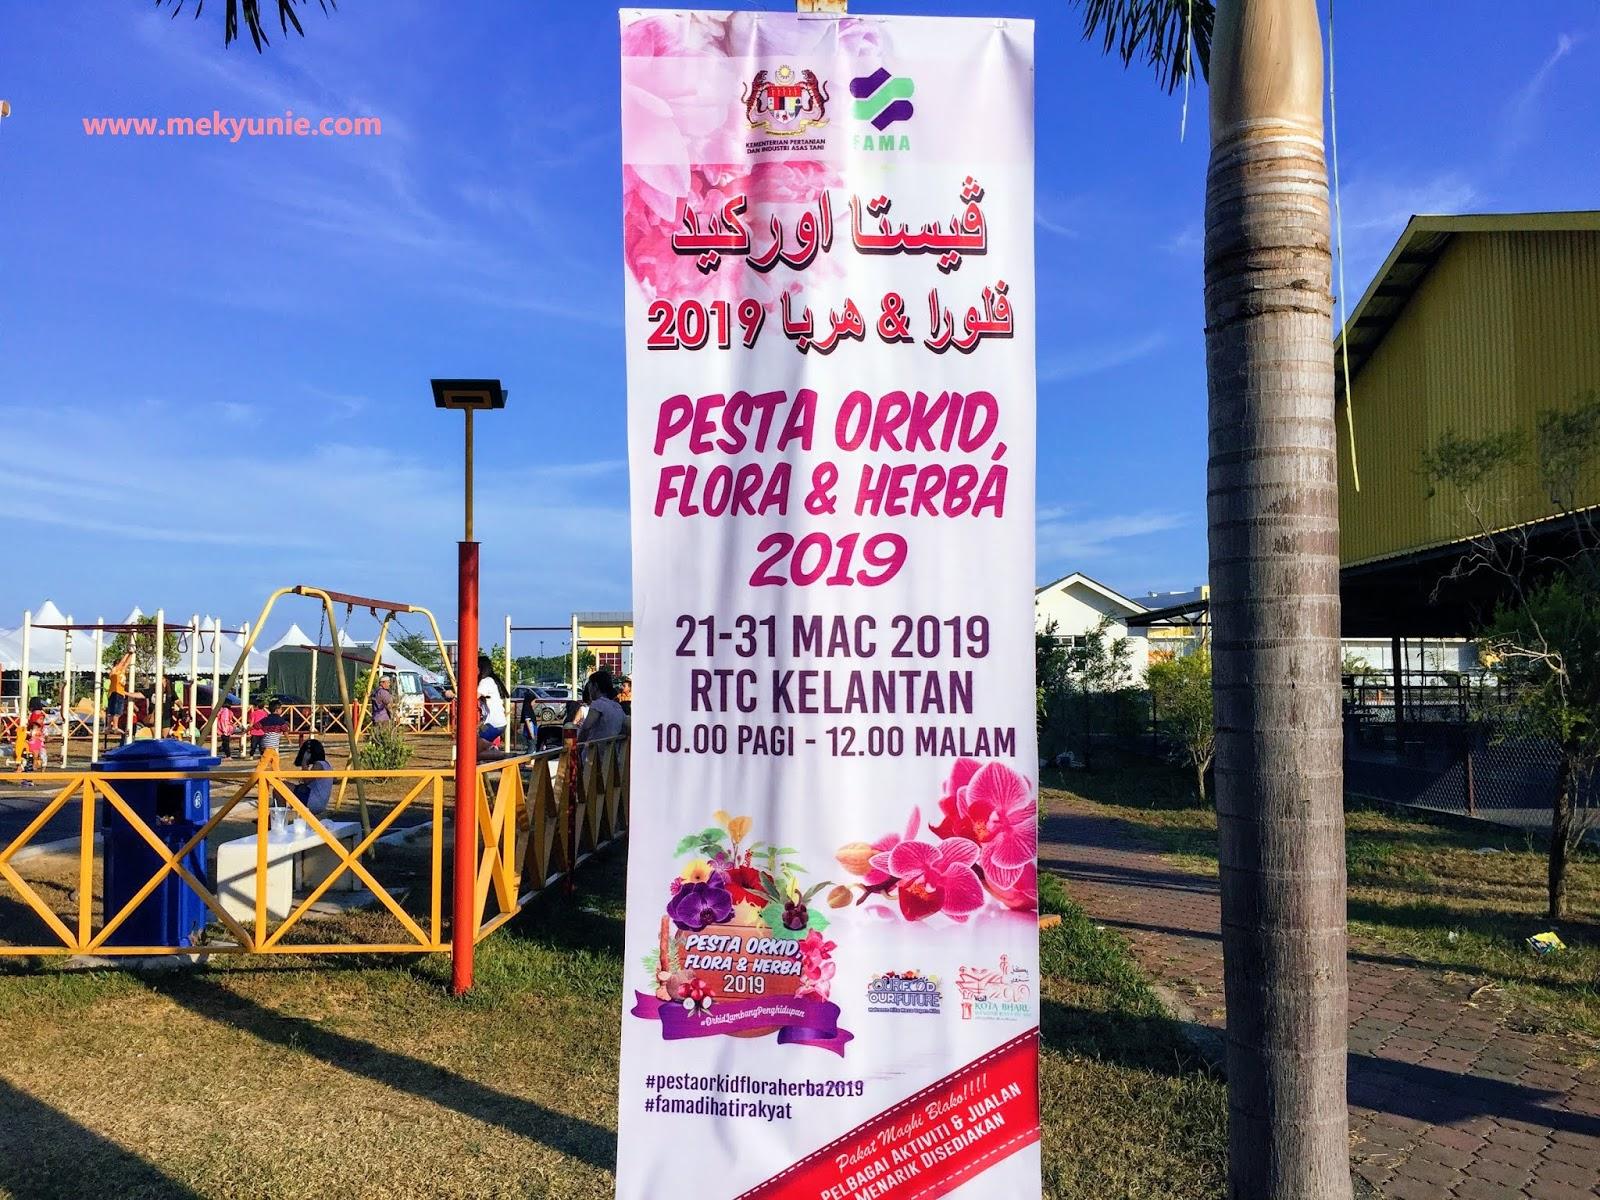 Pesta Orkid Kelantan 2019 Queenbee By Mek